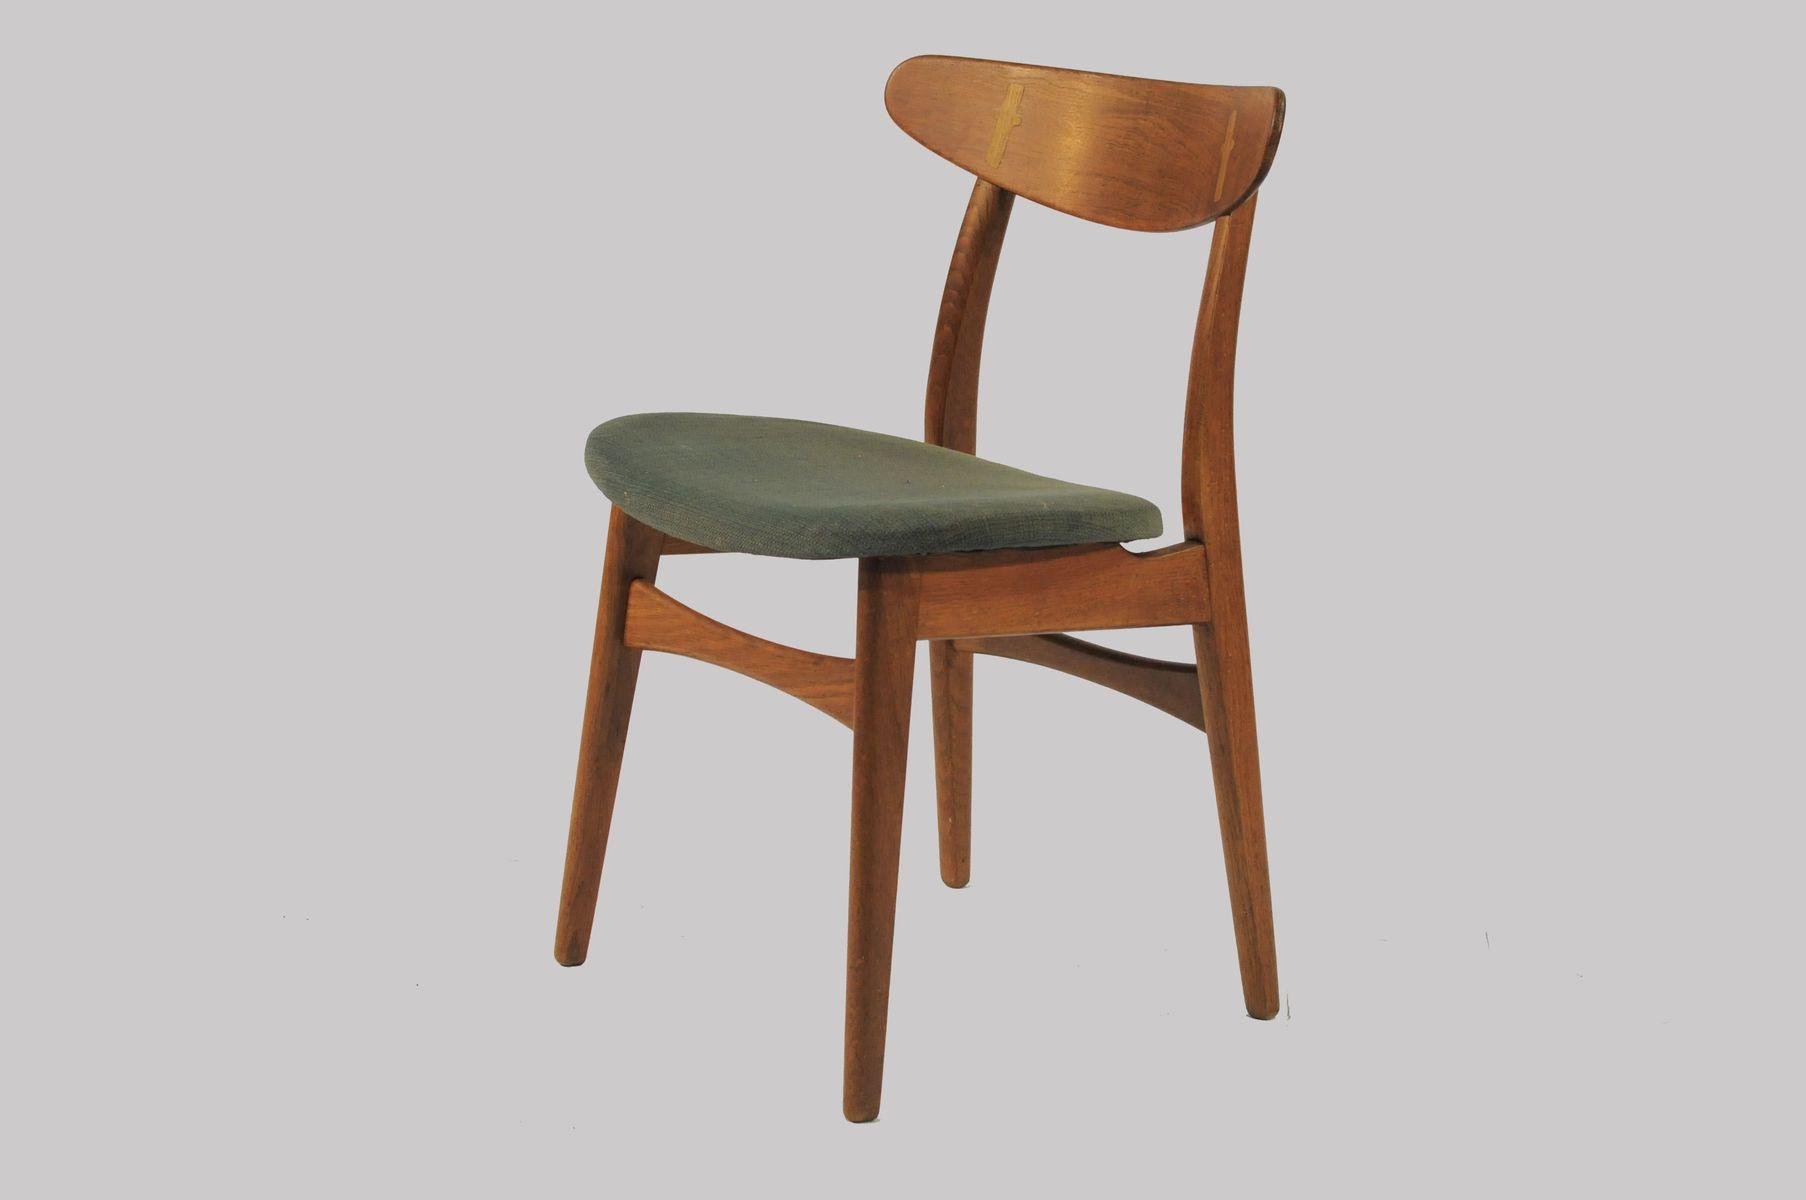 ch30 esszimmerst hle aus eiche von hans j wegner f r carl. Black Bedroom Furniture Sets. Home Design Ideas